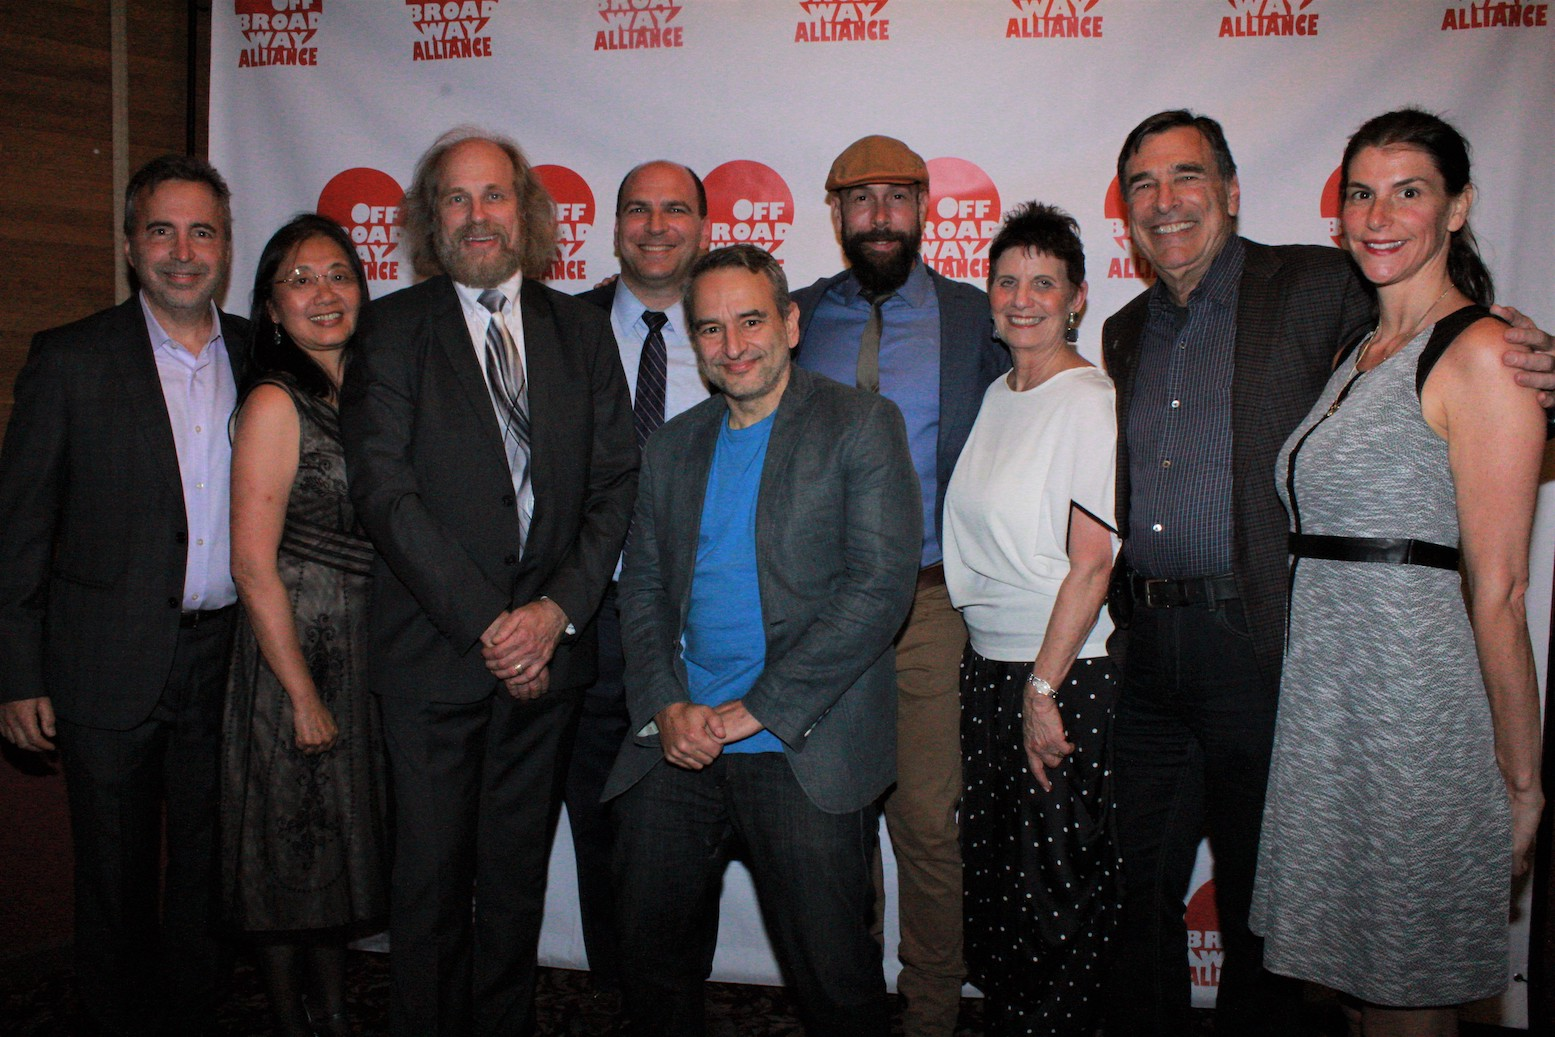 Off Broadway Alliance 2017 Award Winners